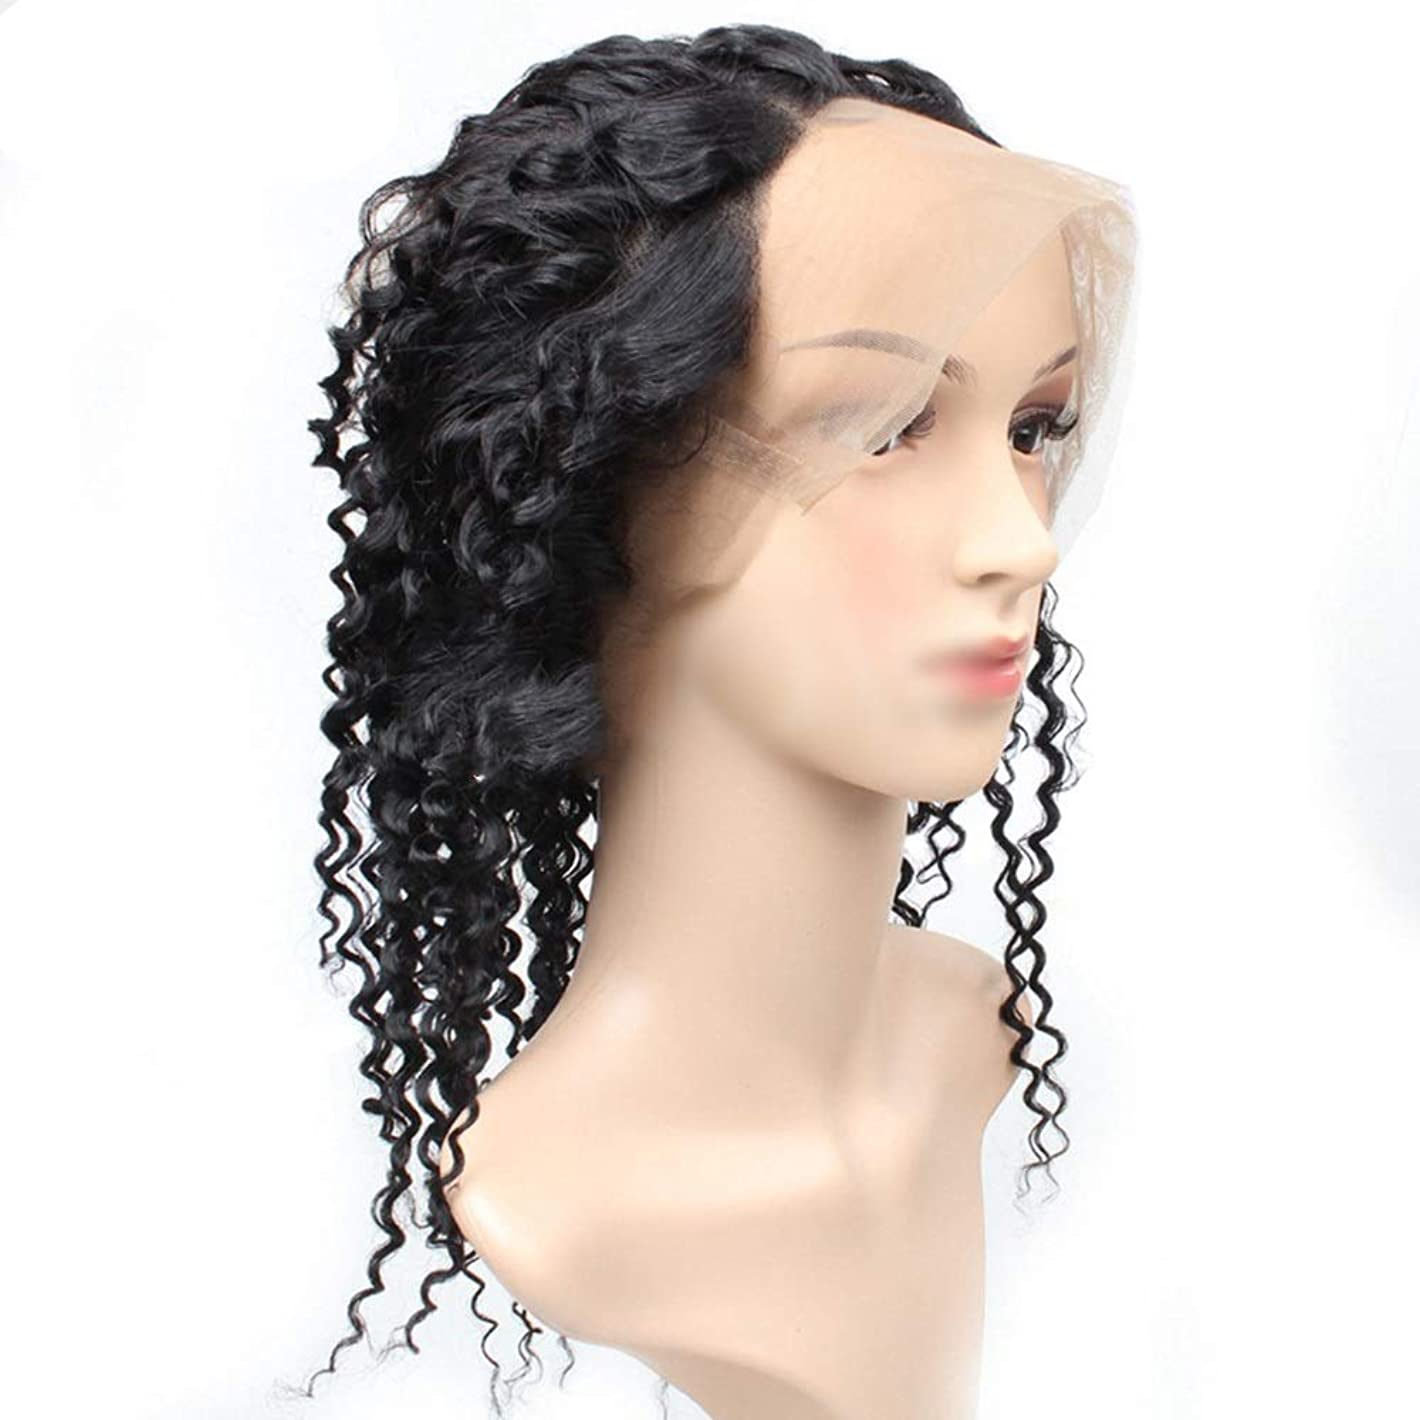 温度聡明ドローBOBIDYEE 360レース前頭閉鎖変態カーリーヘアーフルレース人毛ナチュラルカラー髪の織り横糸(8 '' - 22 ''、100g /個)合成髪レースかつらロールプレイングウィッグロング&ショート女性自然 (色 : 黒, サイズ : 8 inch)